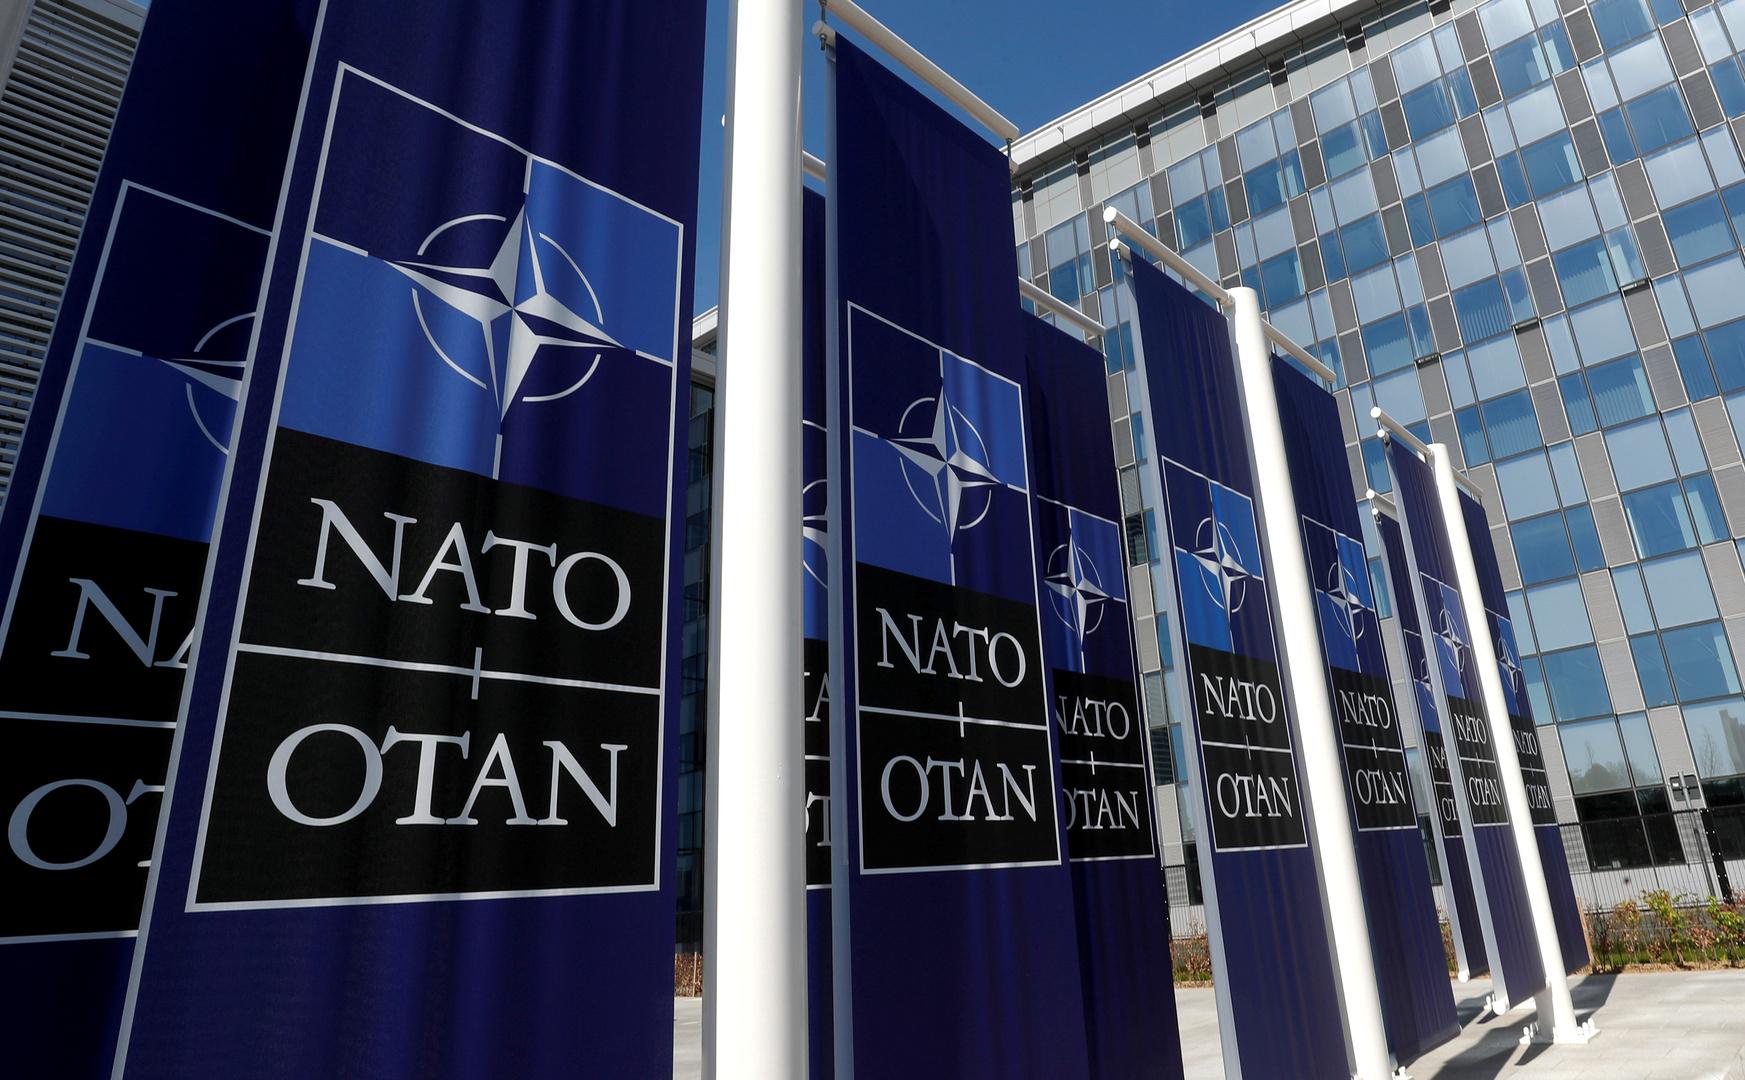 الناتو يتهم روسيا بإطلاق حملات تضليل واسعة في البلقان